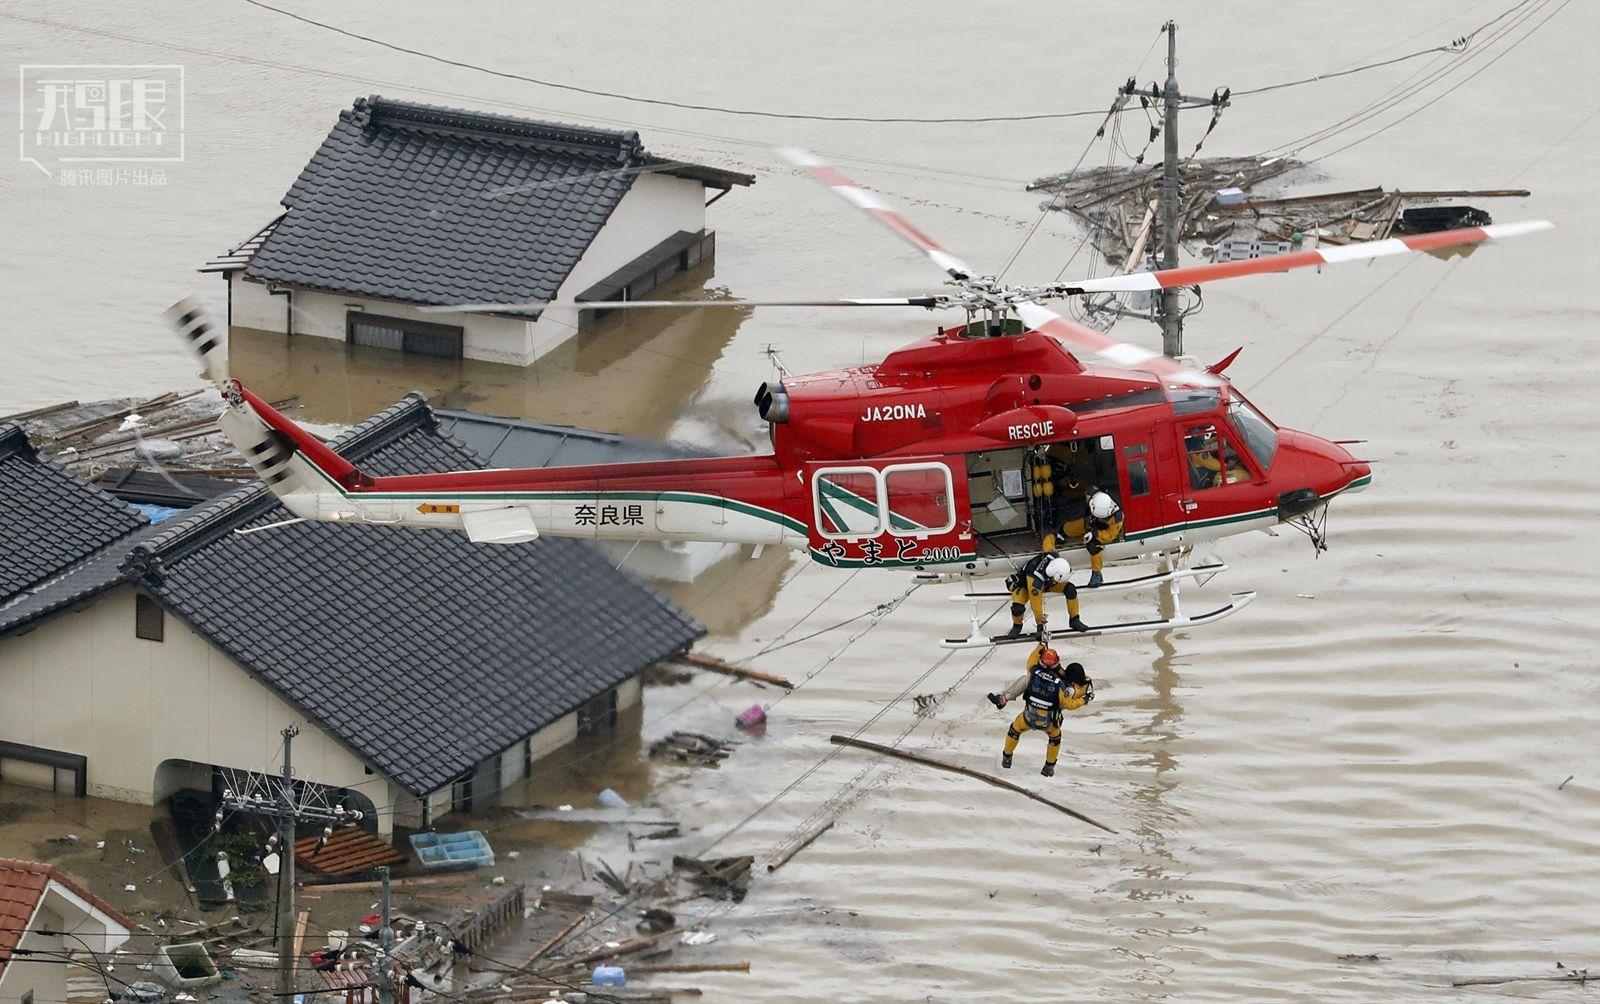 日本暴雨致158人死亡